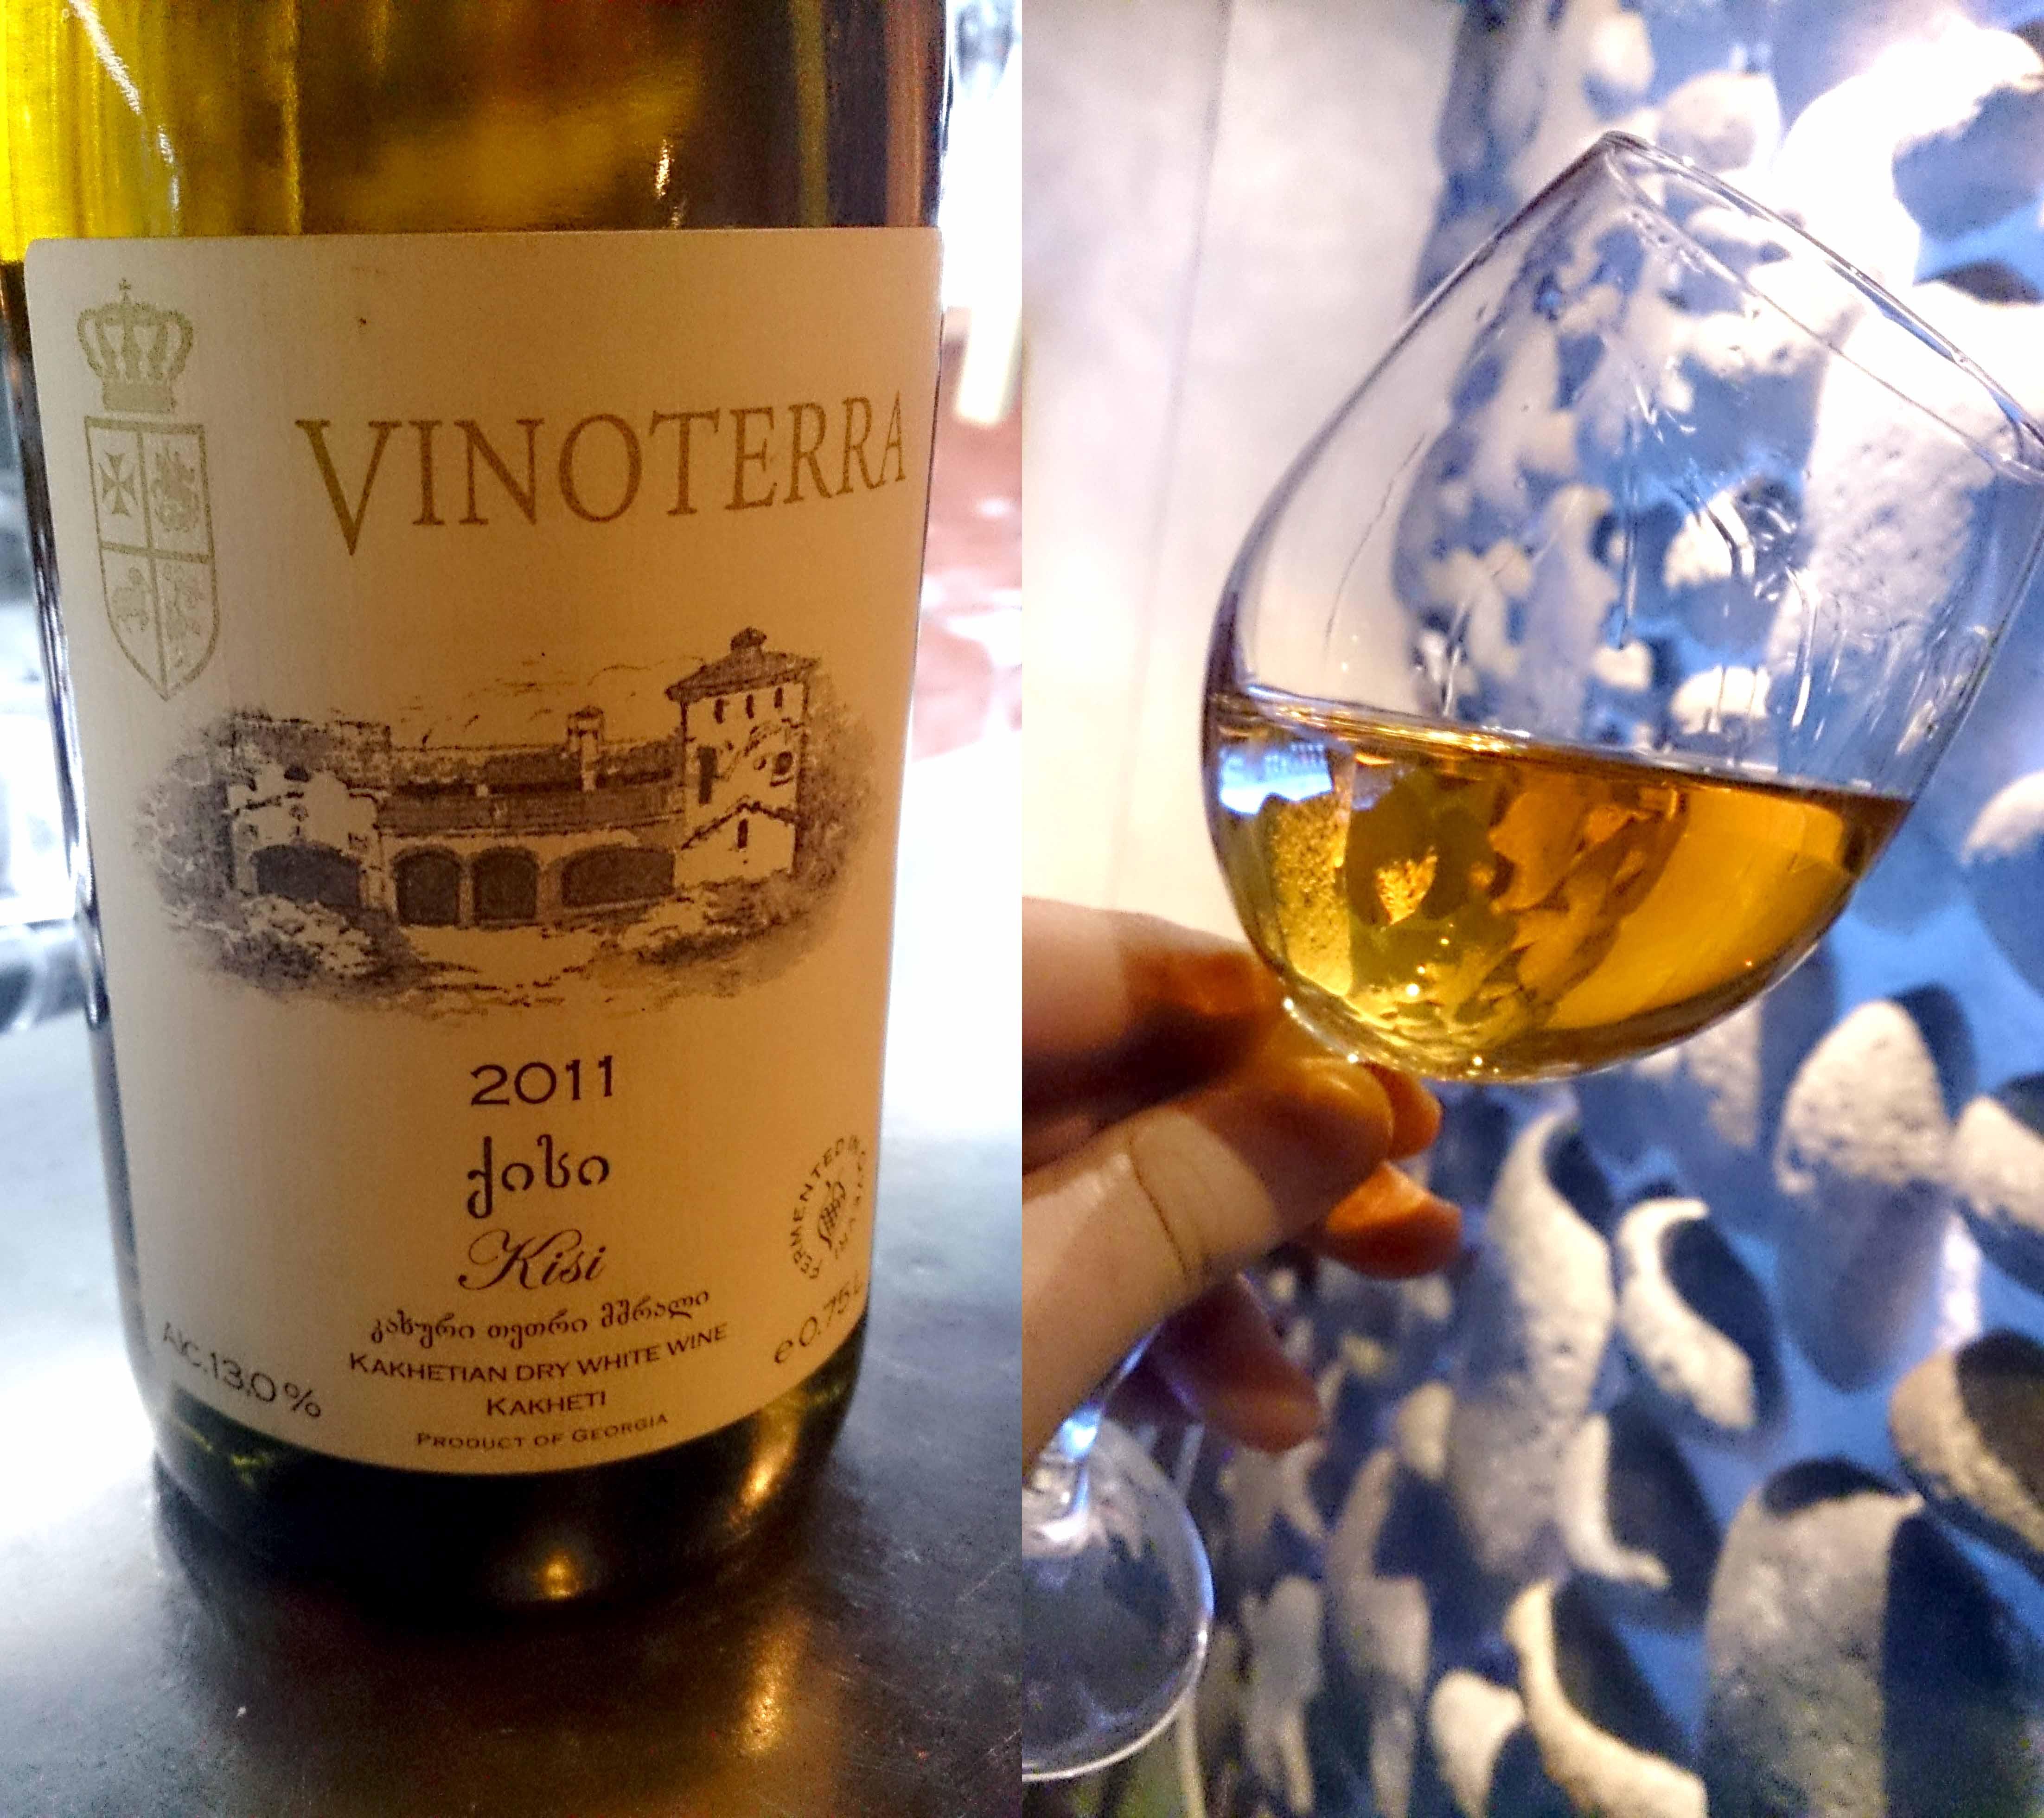 winoterra